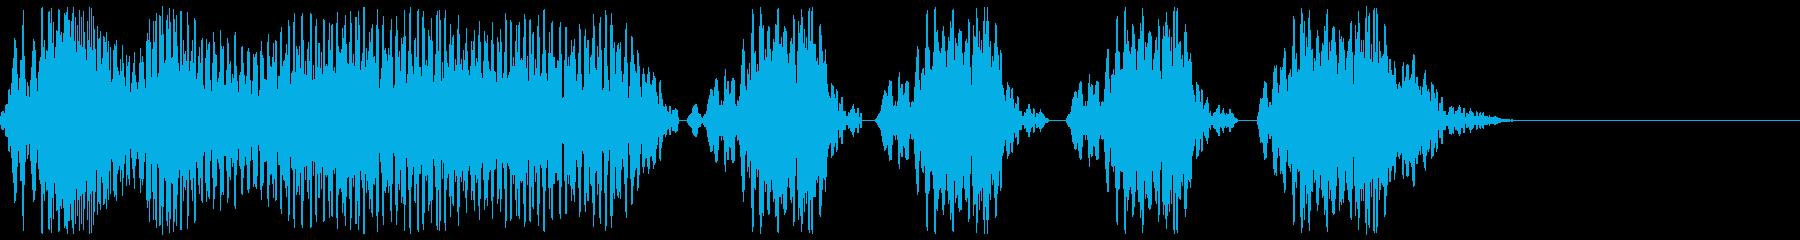 サッカーのホイッスル、警笛(ファウル3)の再生済みの波形